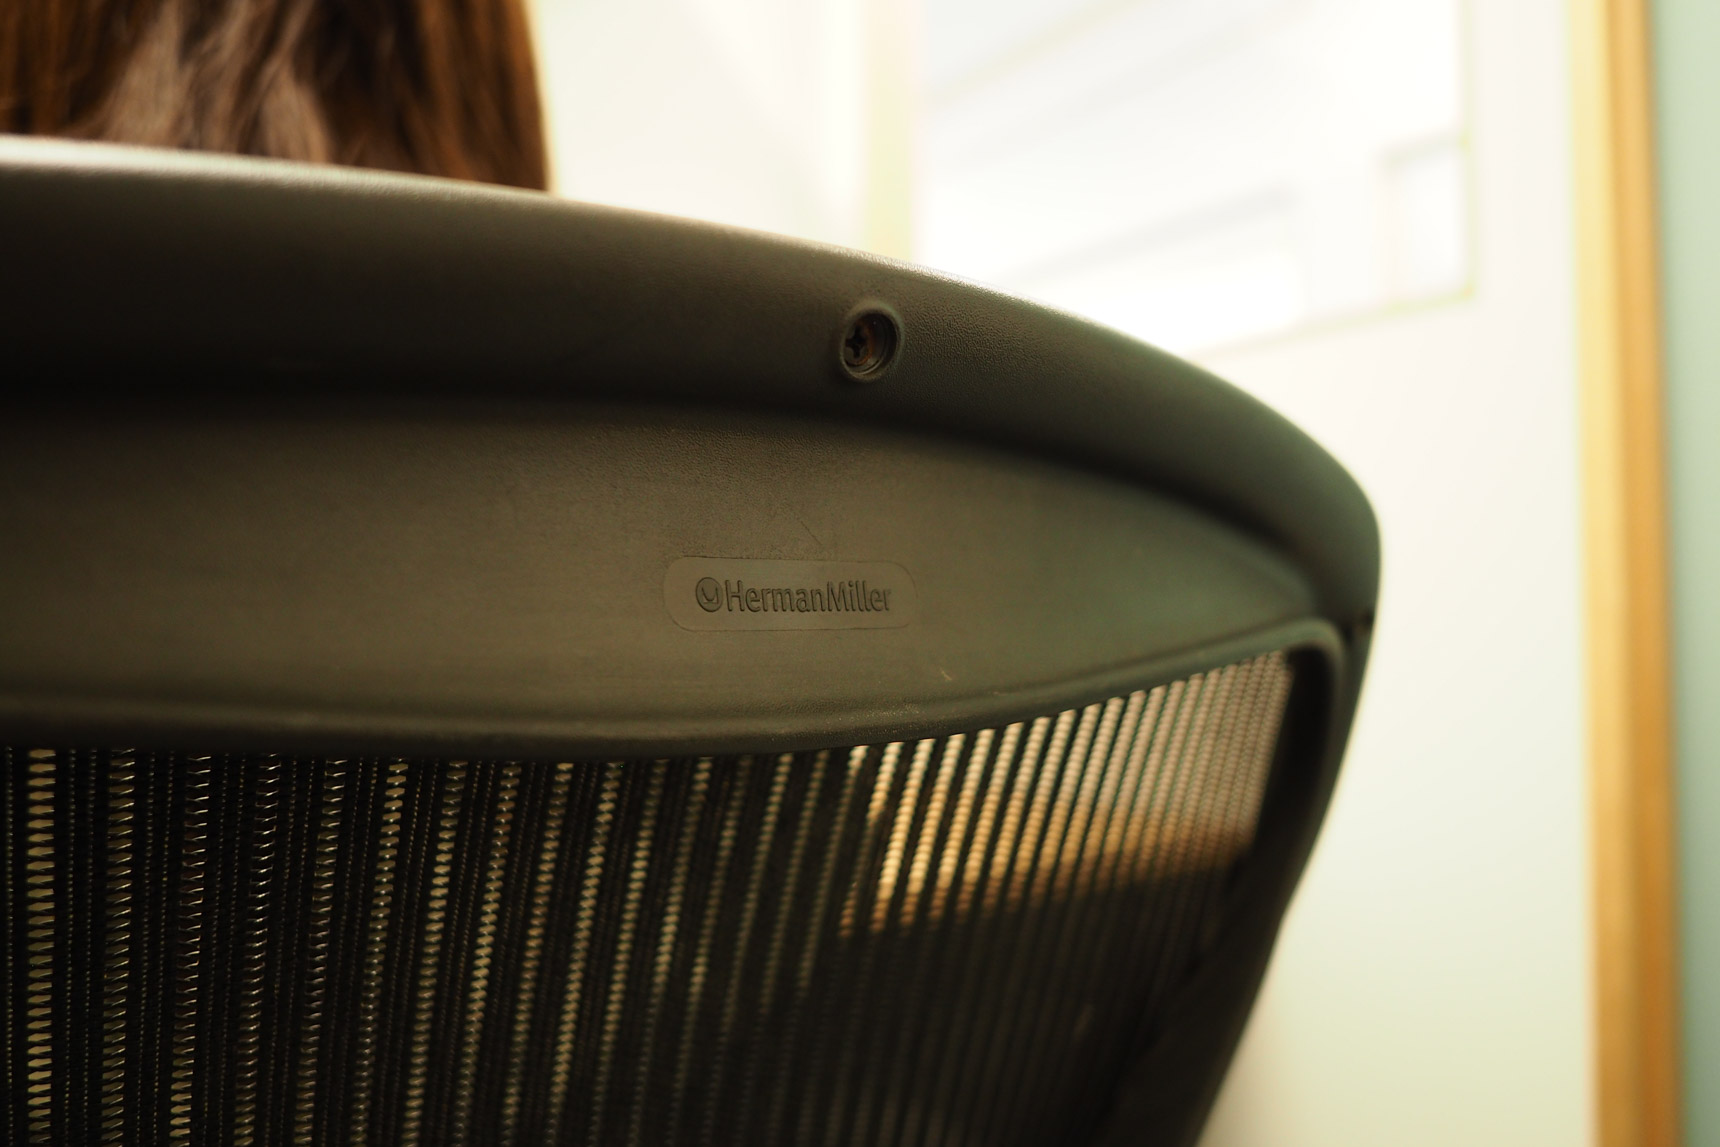 椅子はハーマンミラーのアーロンチェアでした。デスクワークの長い人に圧倒的に支持されるブランドだけあって、座り心地の良さが違います。